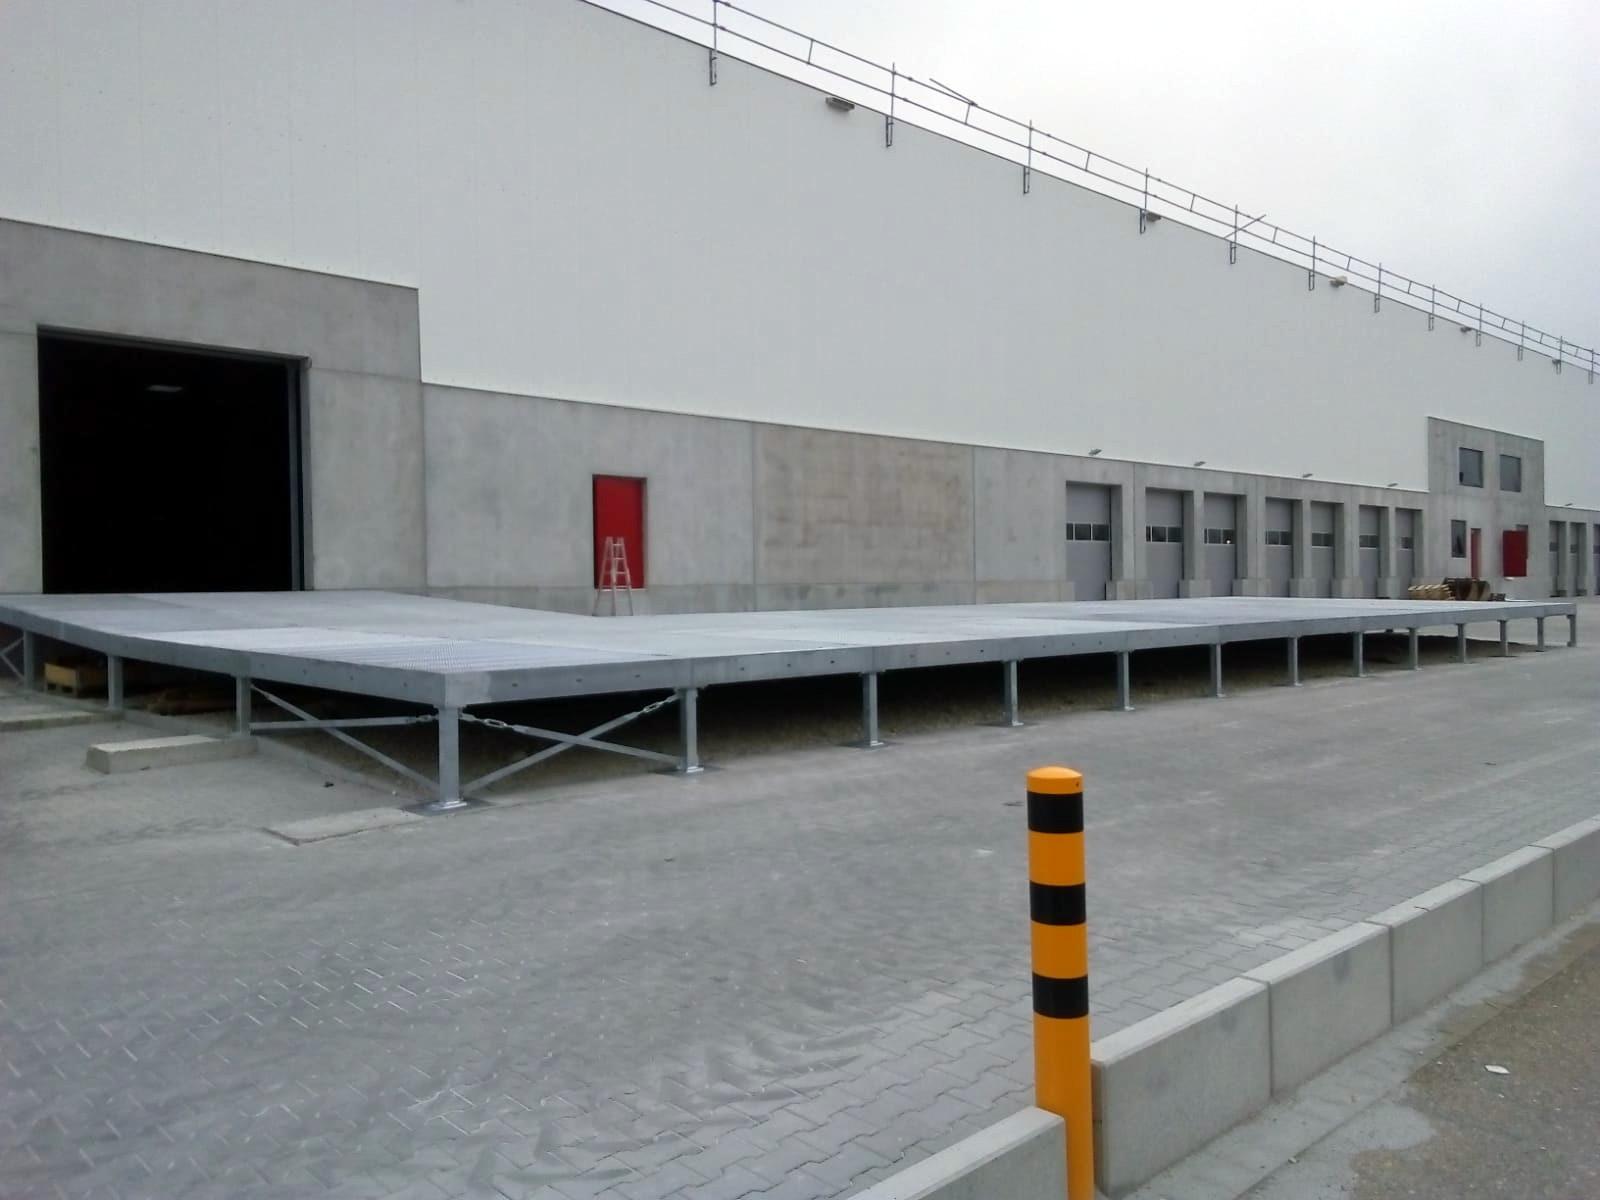 Platform made of composite plateaus